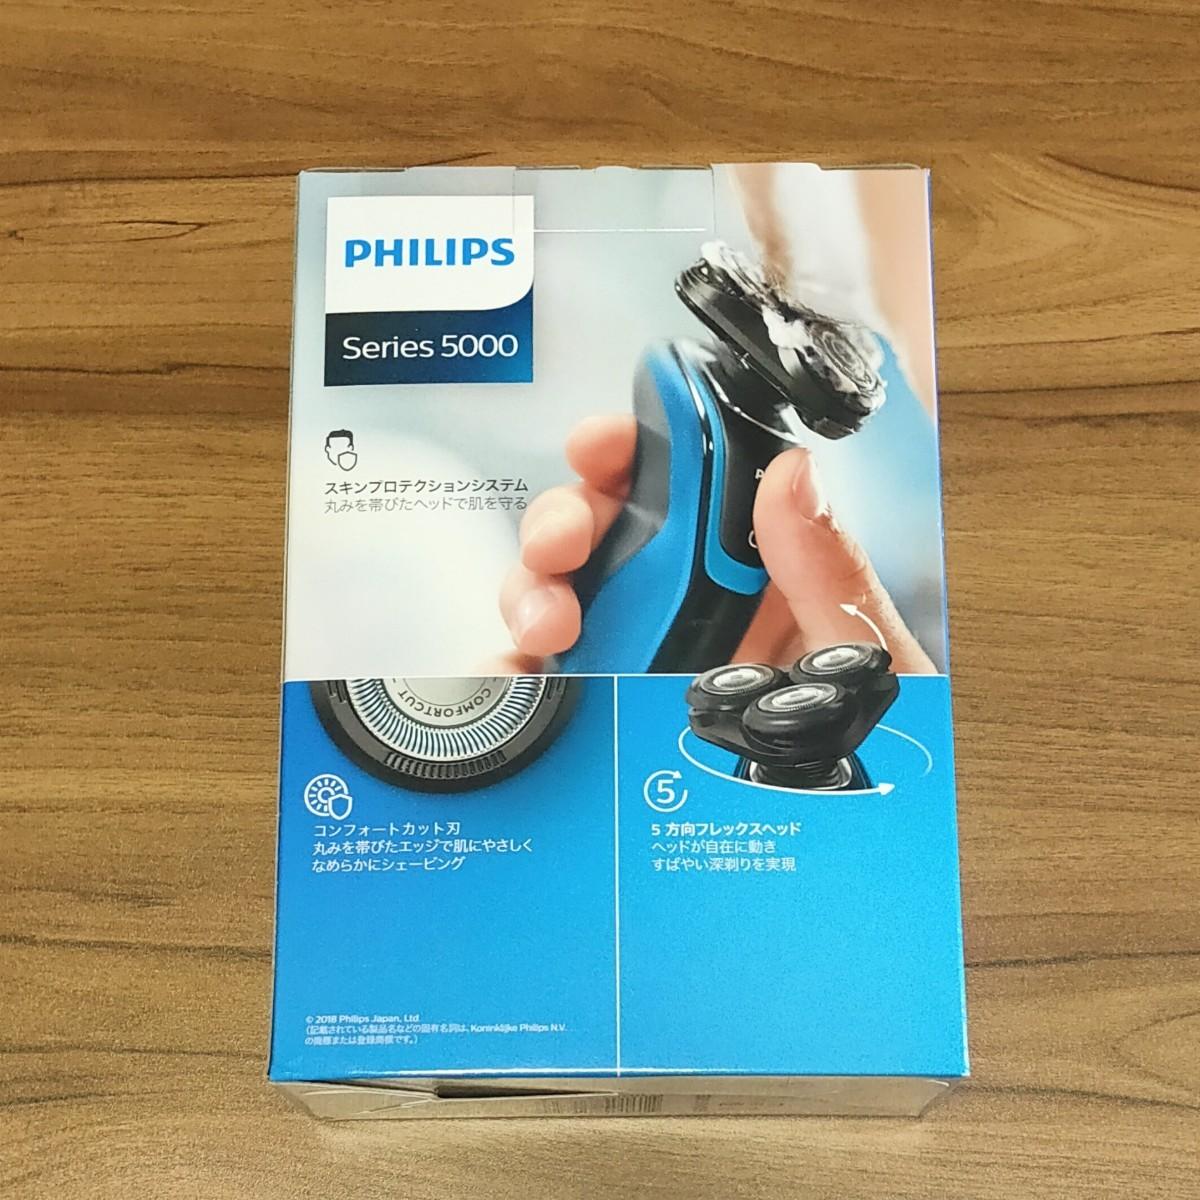 PHILIPS 電気シェーバー フィリップス メンズ シェーバー S5050/05 水洗い可能 新品 未開封 送料込み